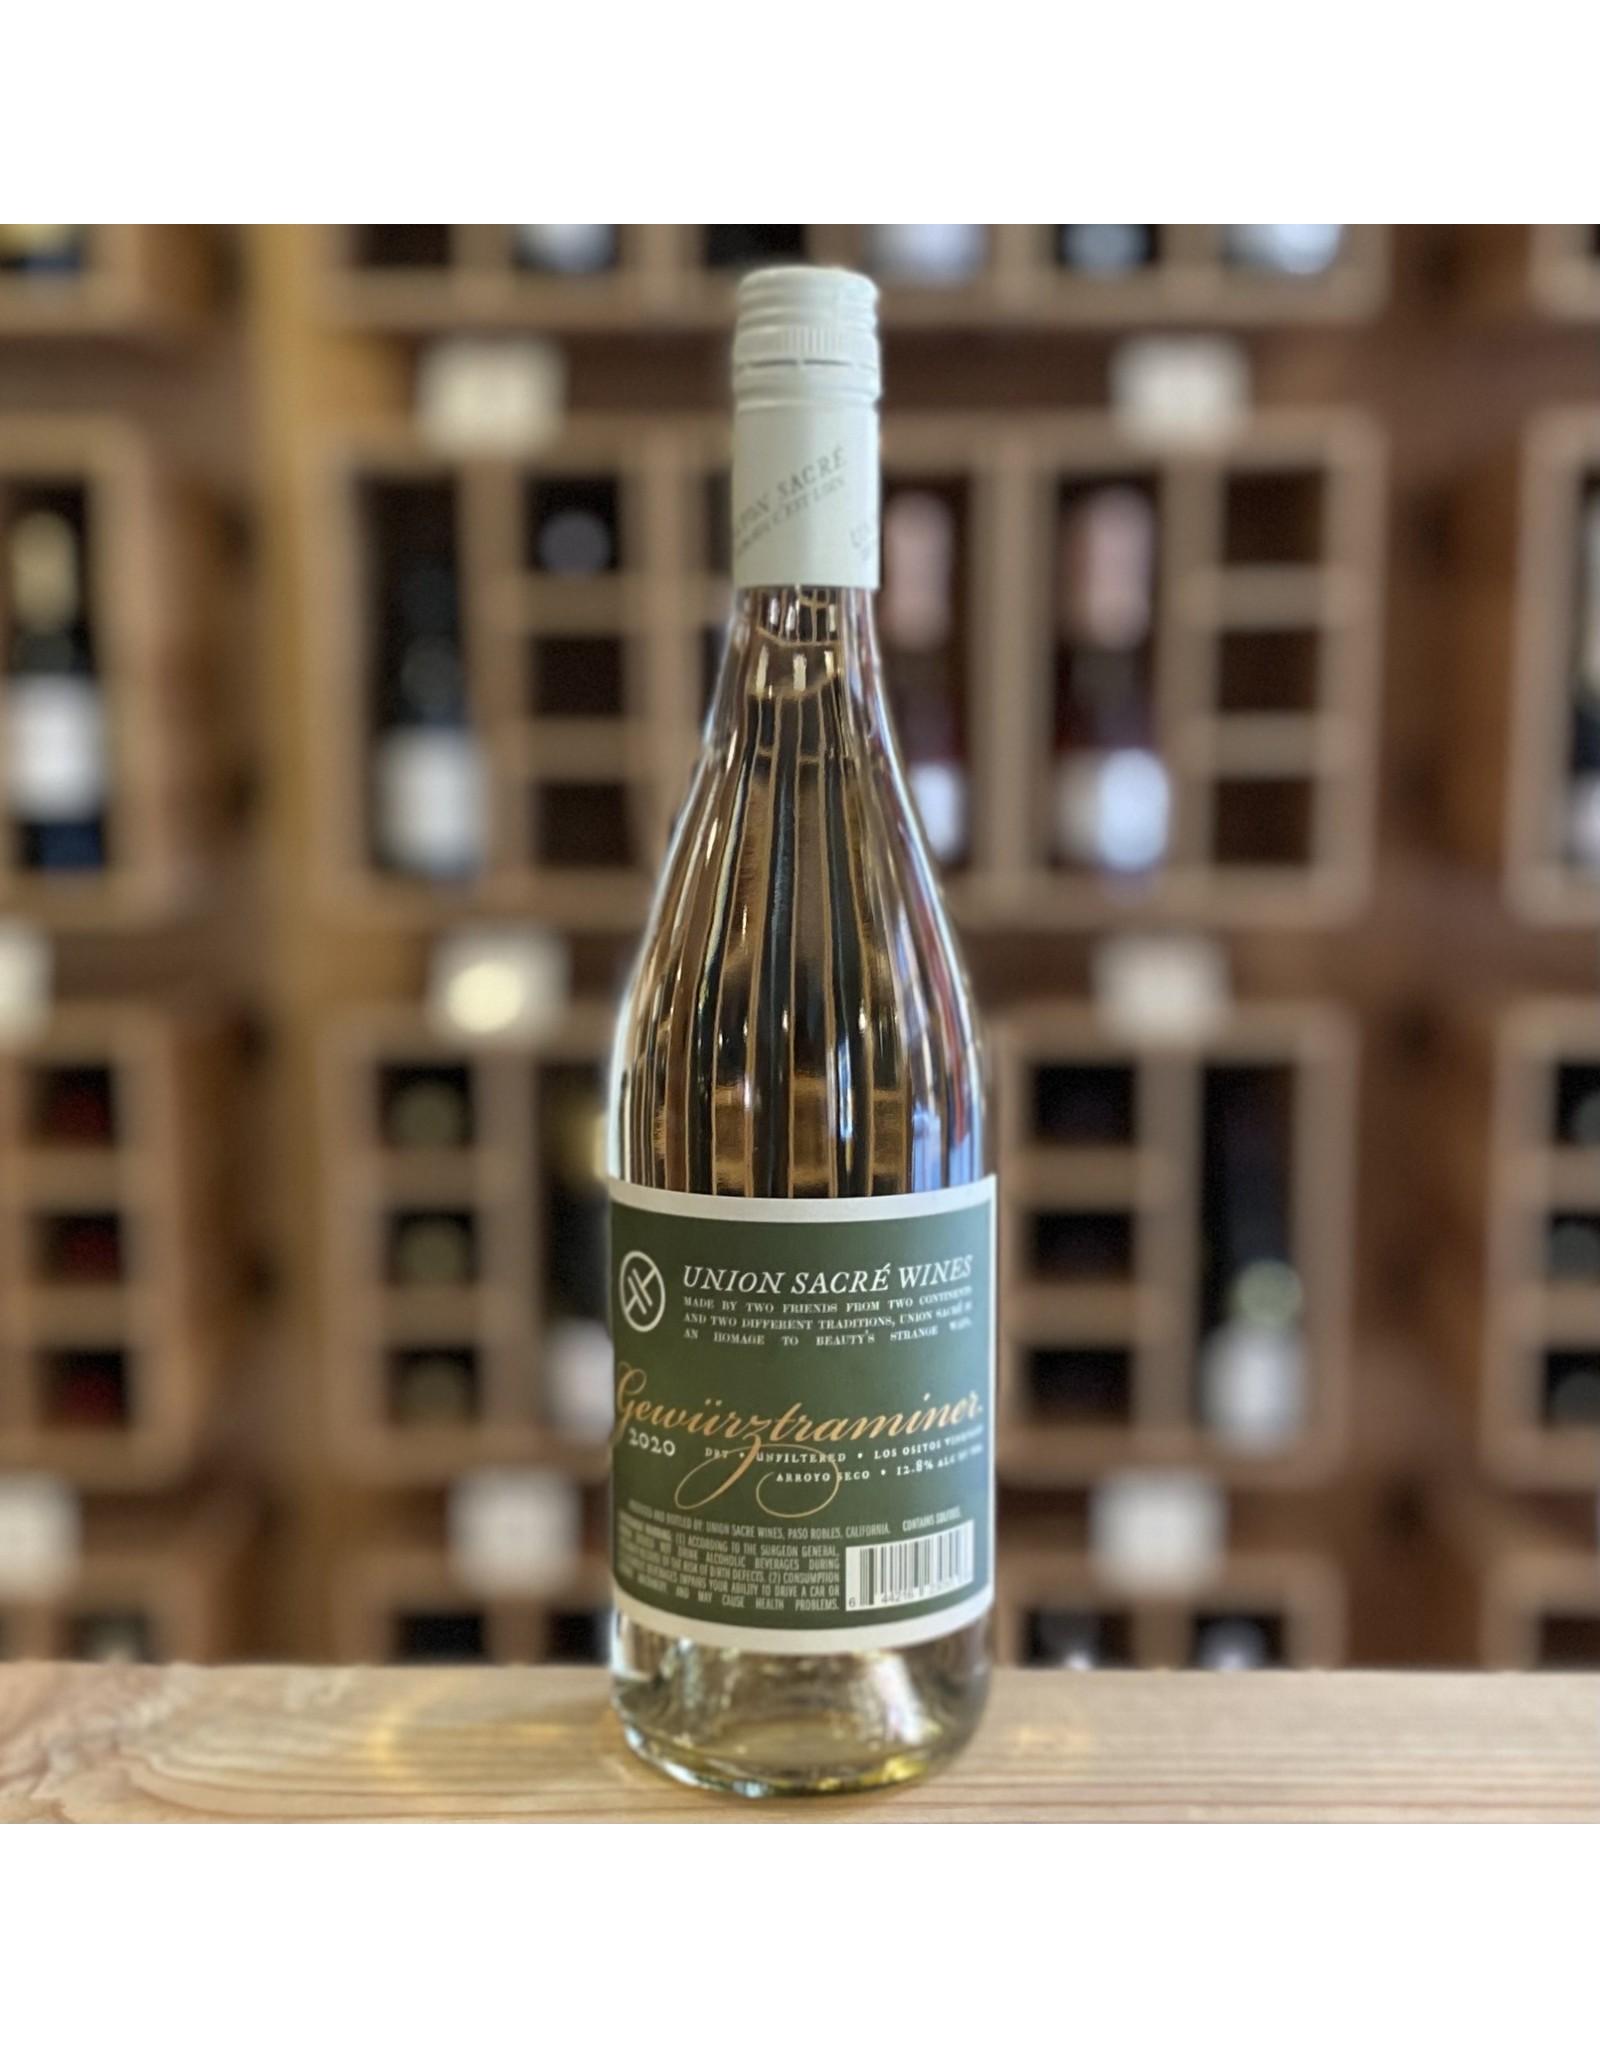 """Paso Robles Union Sacre Wines """"Los Ositos Vineyard"""" Gewurztraminer 2020 - Arroyo Seco, California"""